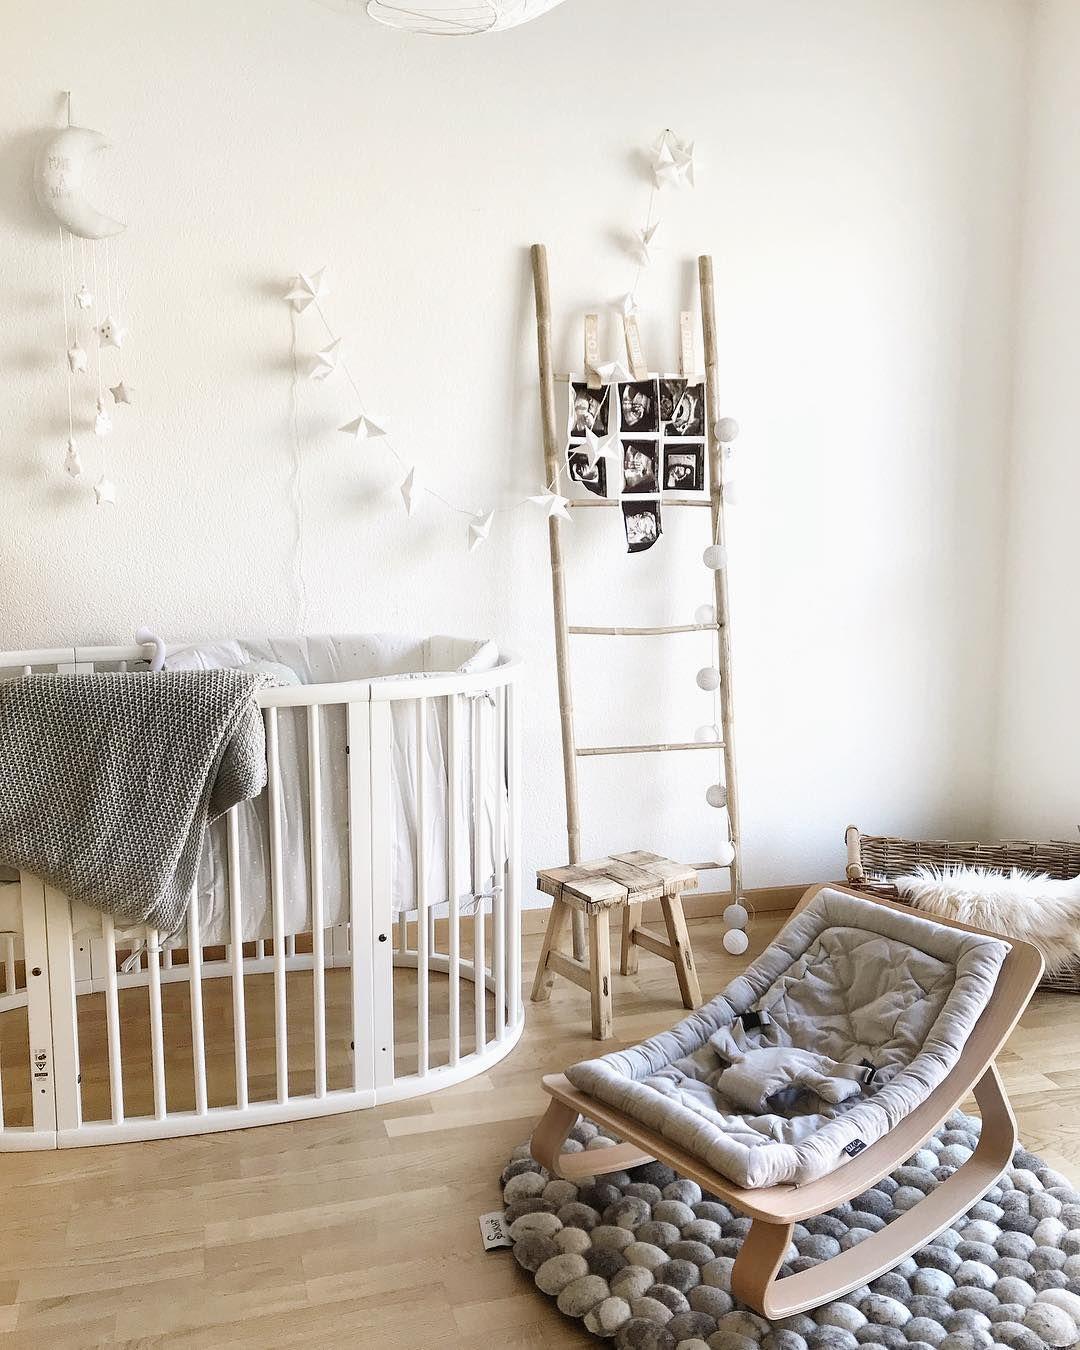 Charlie Crane  Idée chambre bébé, Chambre bébé, Meuble bébé